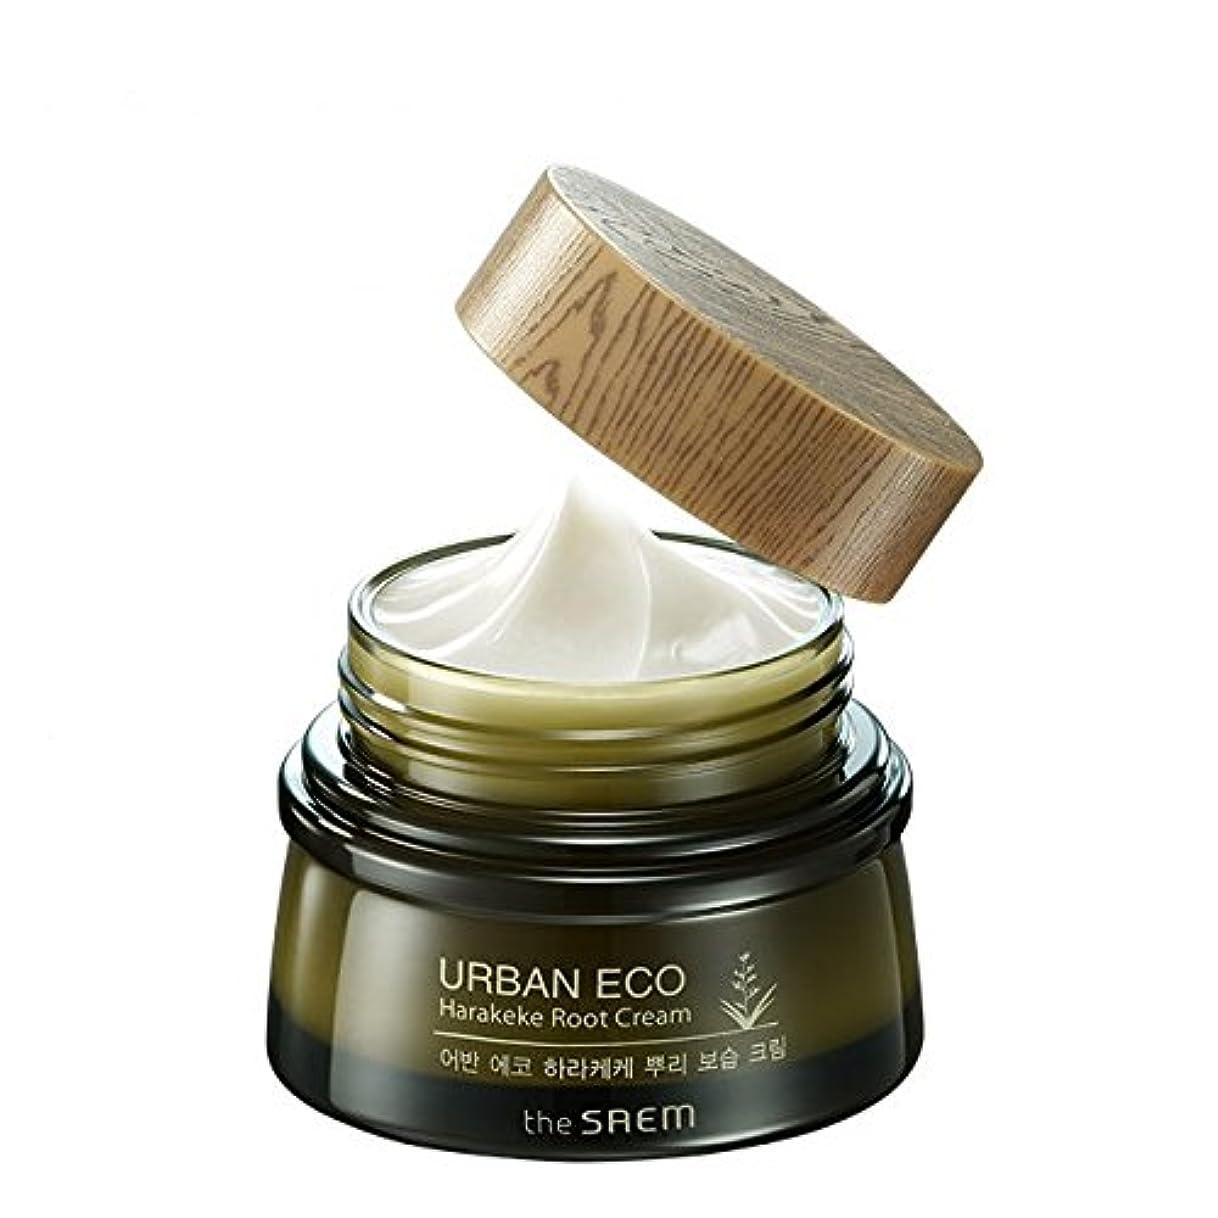 気づくなるテクニカル征服する[ザセム] The Saem [アーバンエコ ハラケケ 根保湿クリーム60ml (The Saem Urban Eco Harakeke Root Cream60ml)